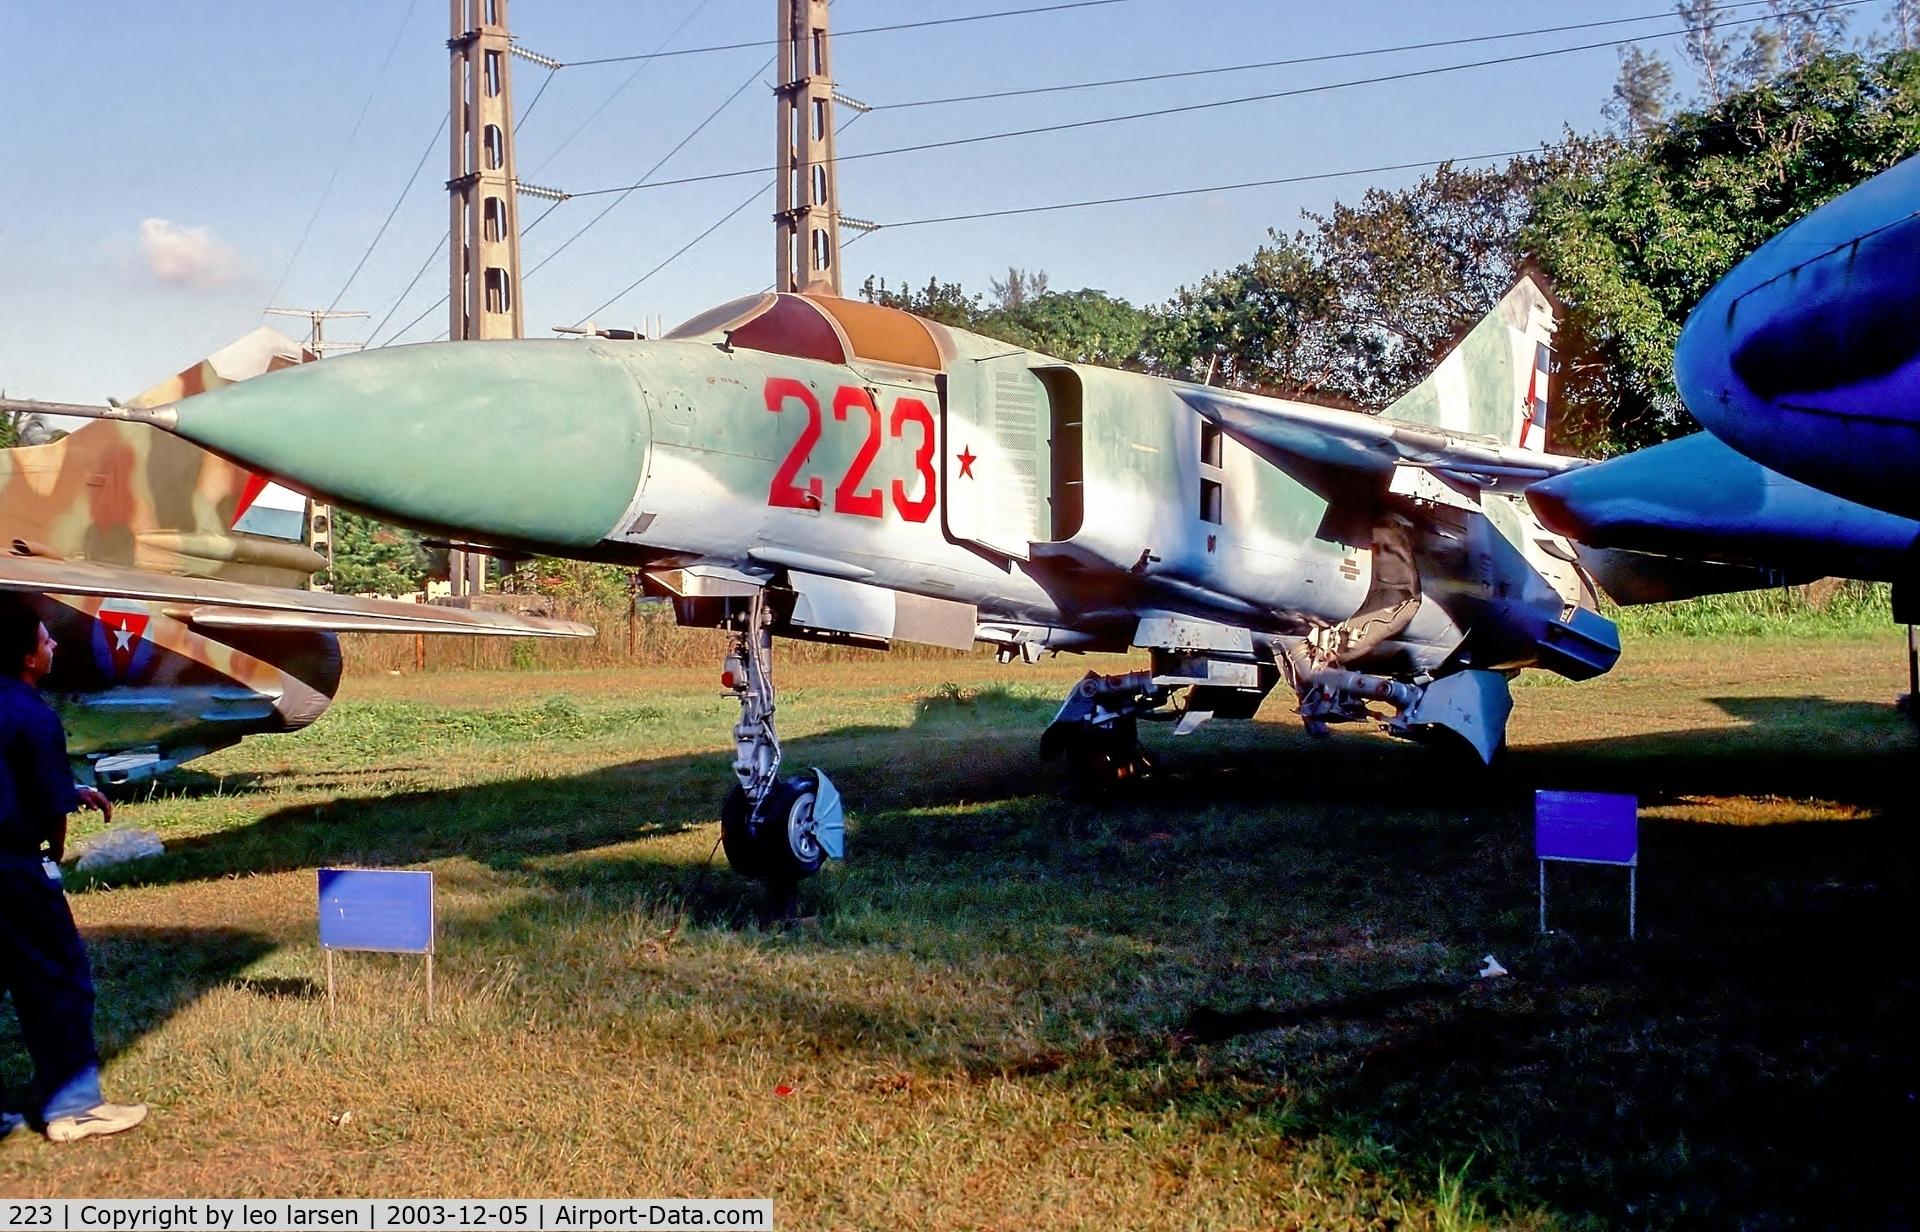 223, Mikoyan-Gurevich MIG-23ML C/N 1122410703, Museo del Aire Havana 5.12.03